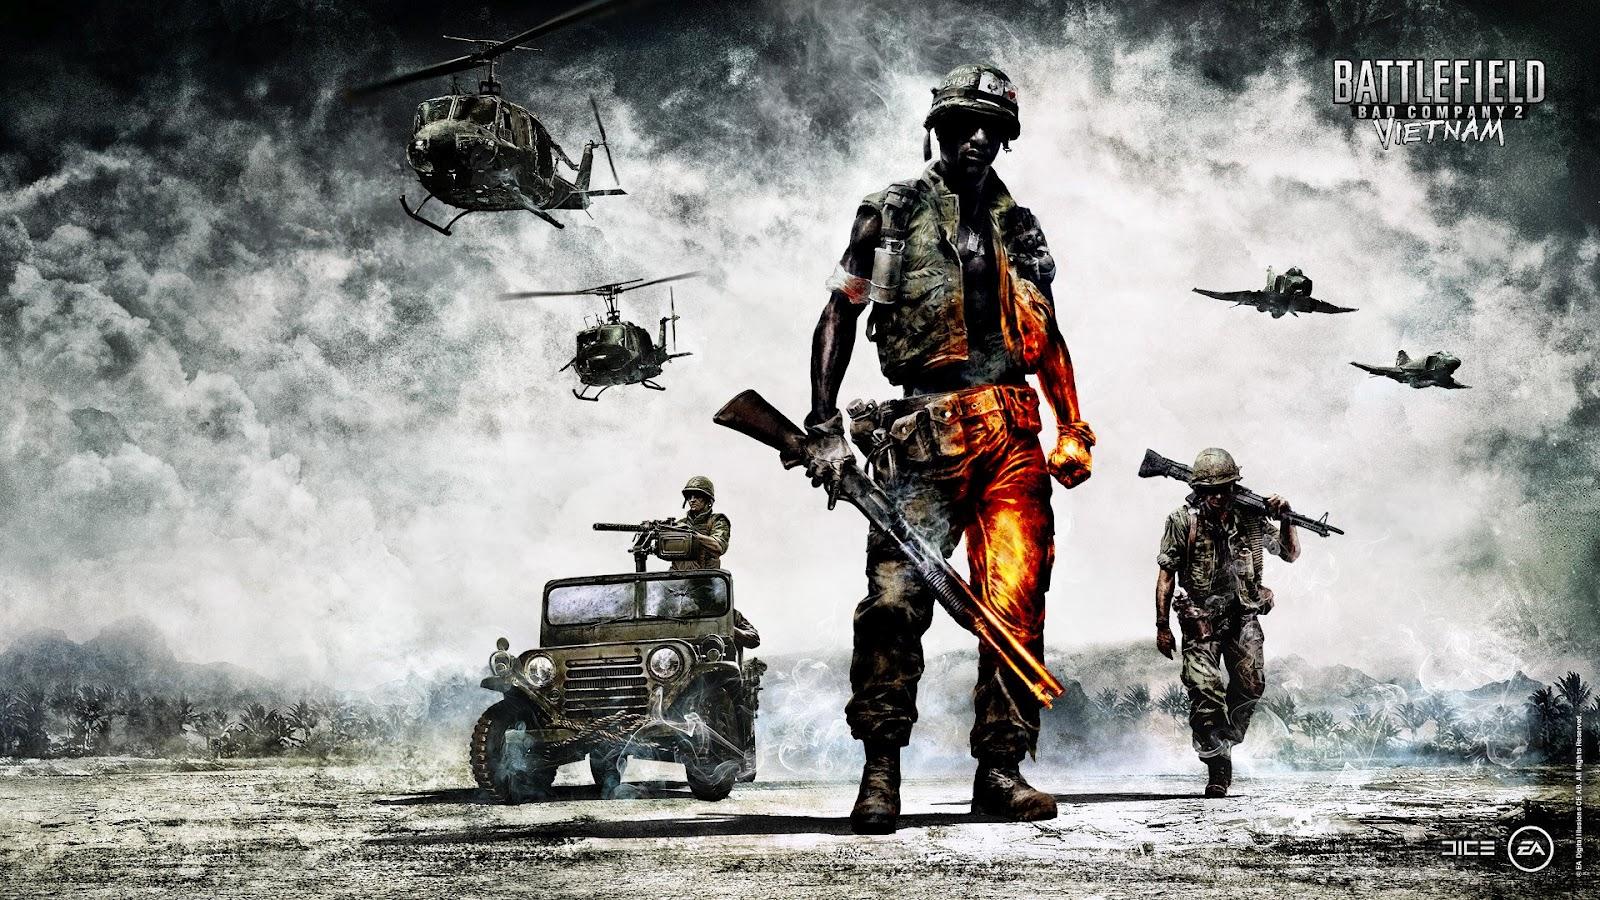 http://1.bp.blogspot.com/-7jqHSXudU0U/UBVIkOAJAHI/AAAAAAAAE3Y/ygDP5yE_22I/s1600/battlefield_bad_company_2_vietnam-HD.jpg